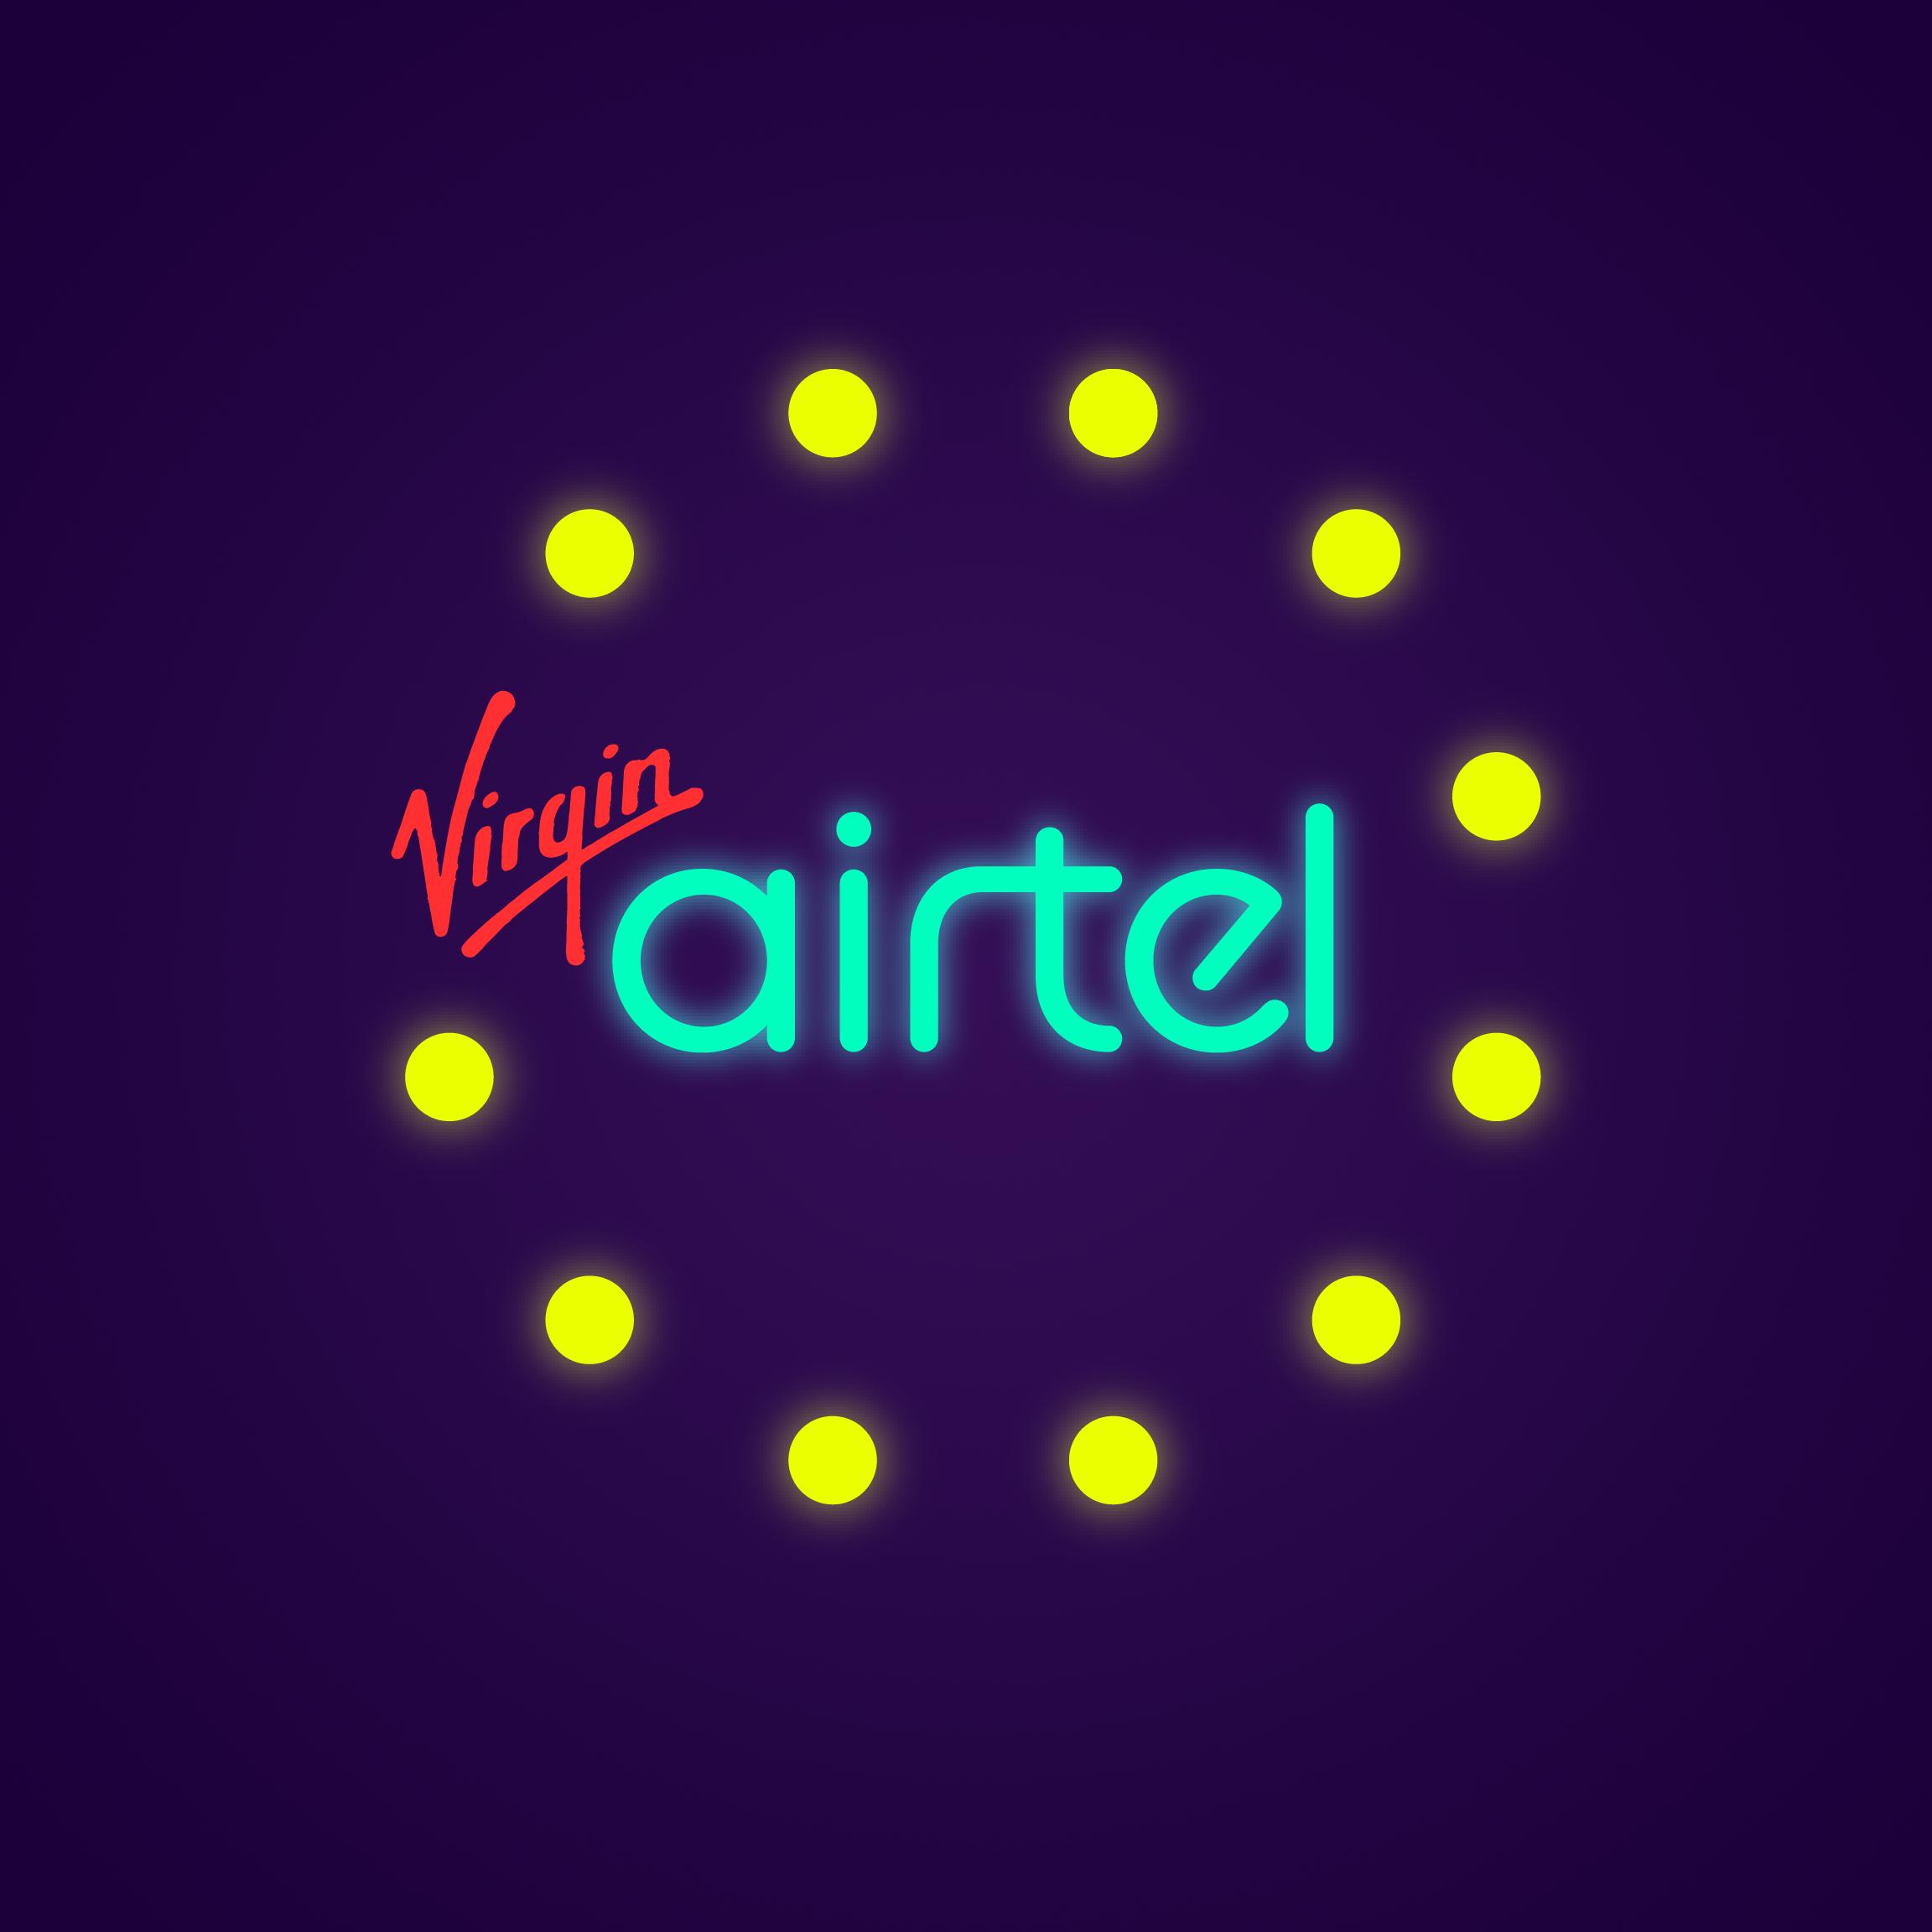 Virgin Airtel